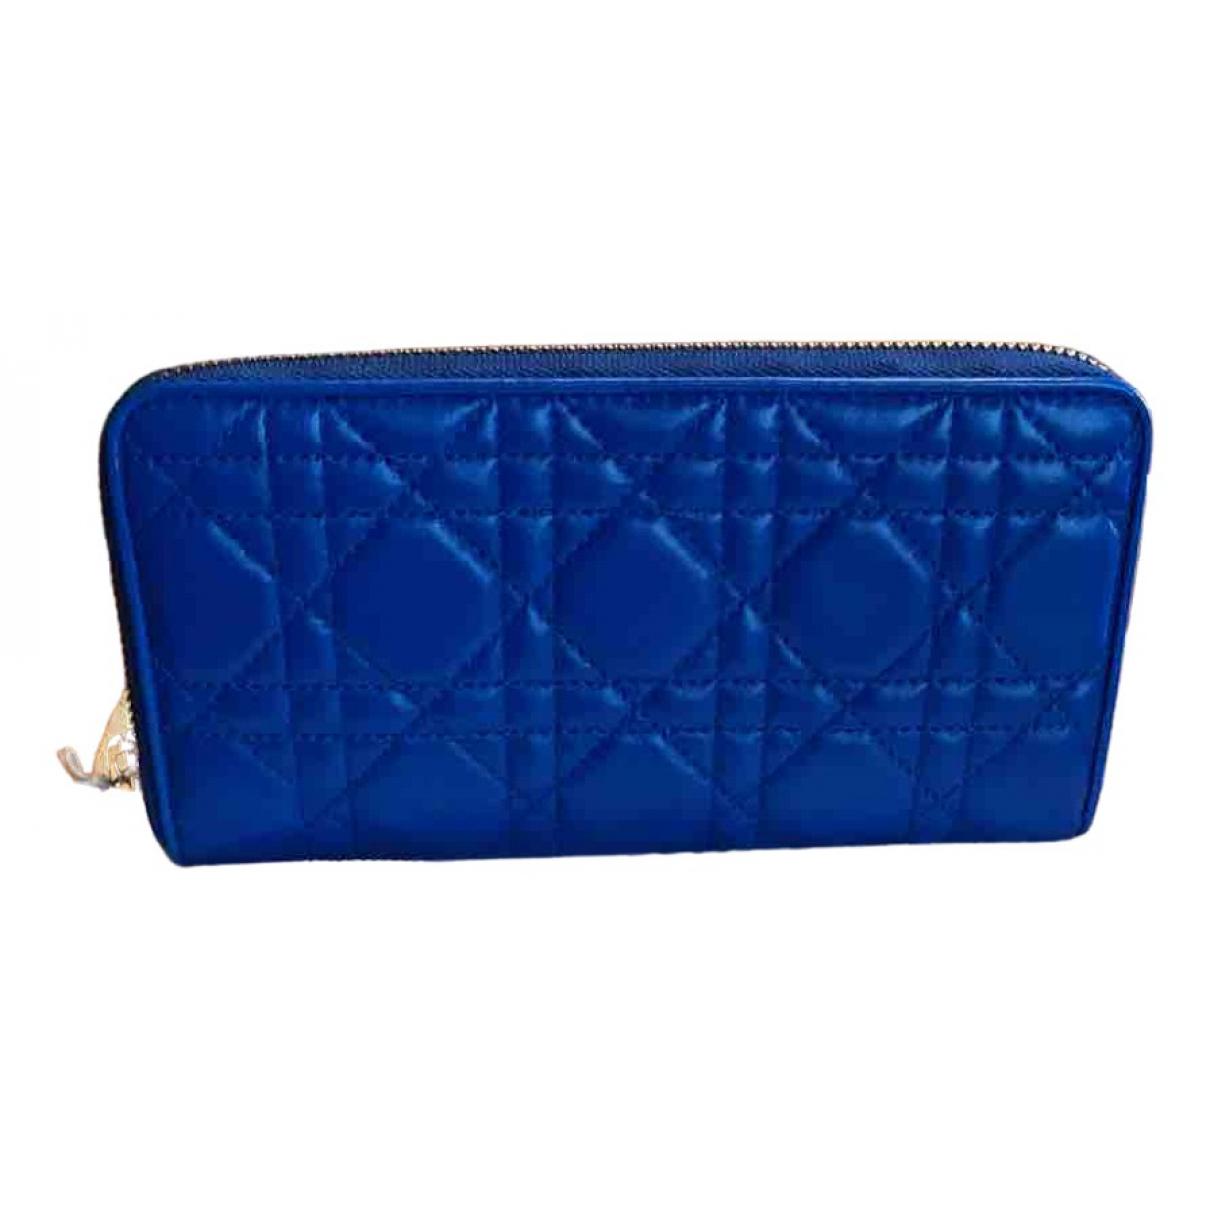 Dior Lady Dior Portemonnaie in  Blau Leder